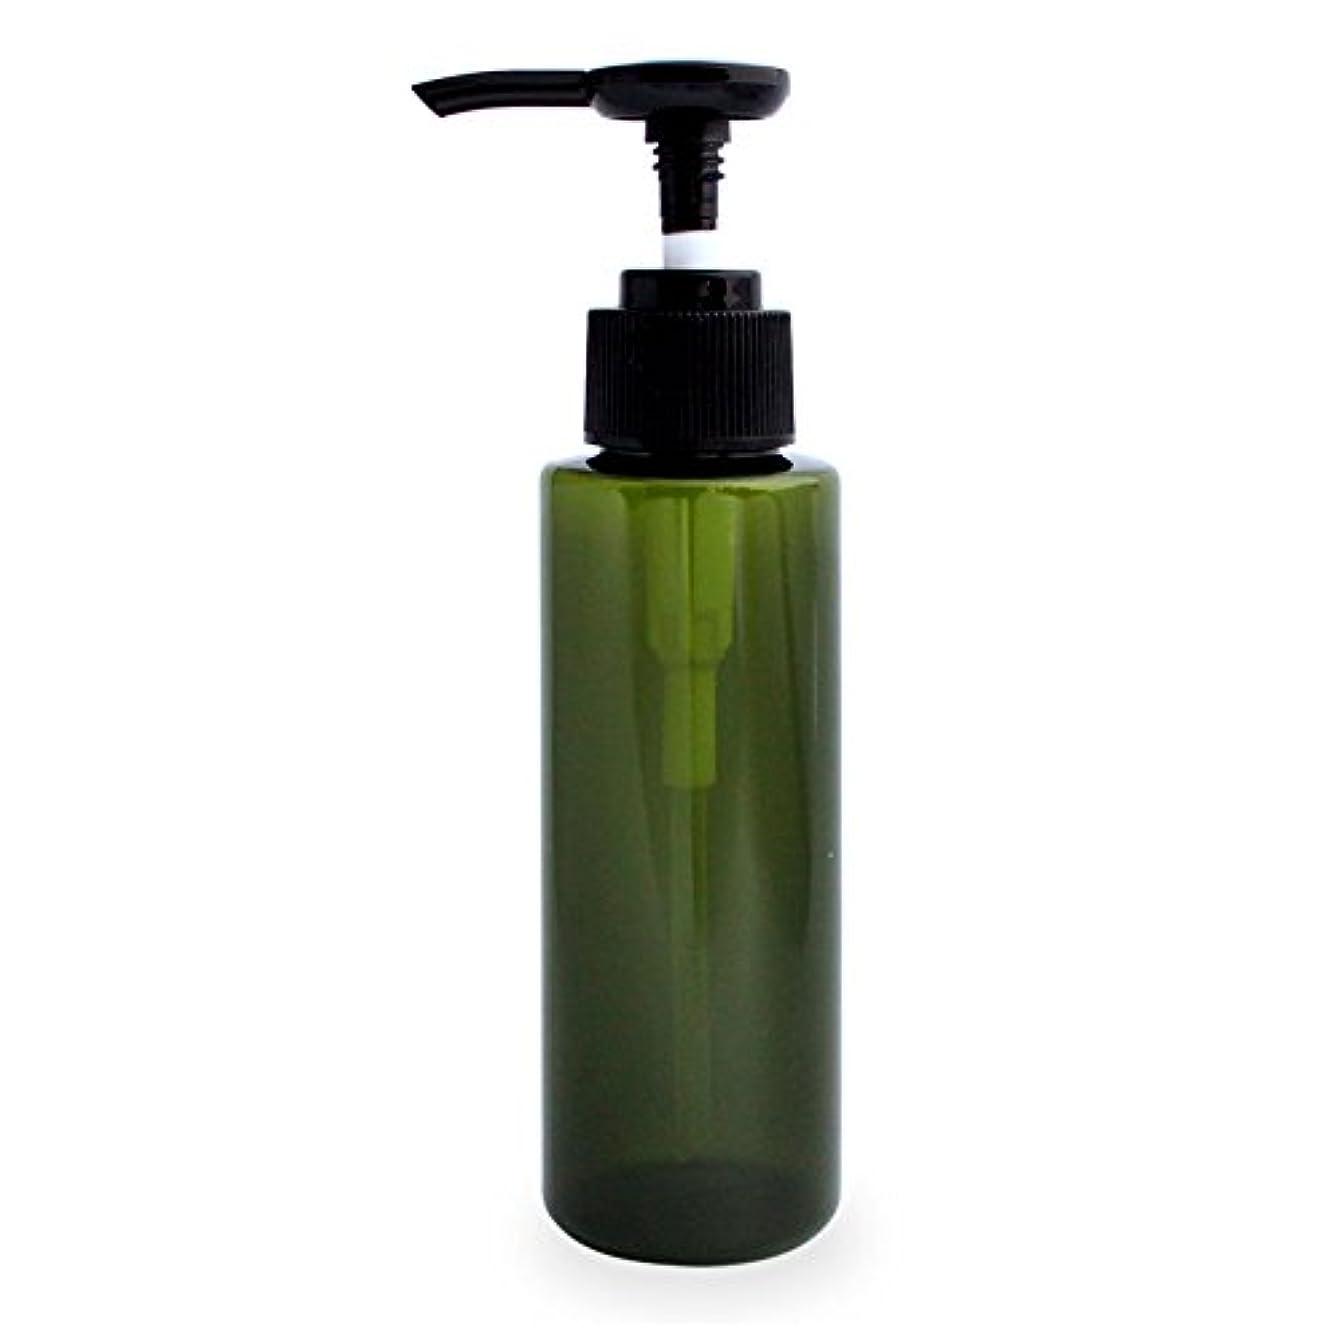 魅力移動農民ポンプボトル100ml(グリーン)(プラスチック容器 オイル用空瓶 プラスチック製-PET 空ボトル プッシュポンプ)